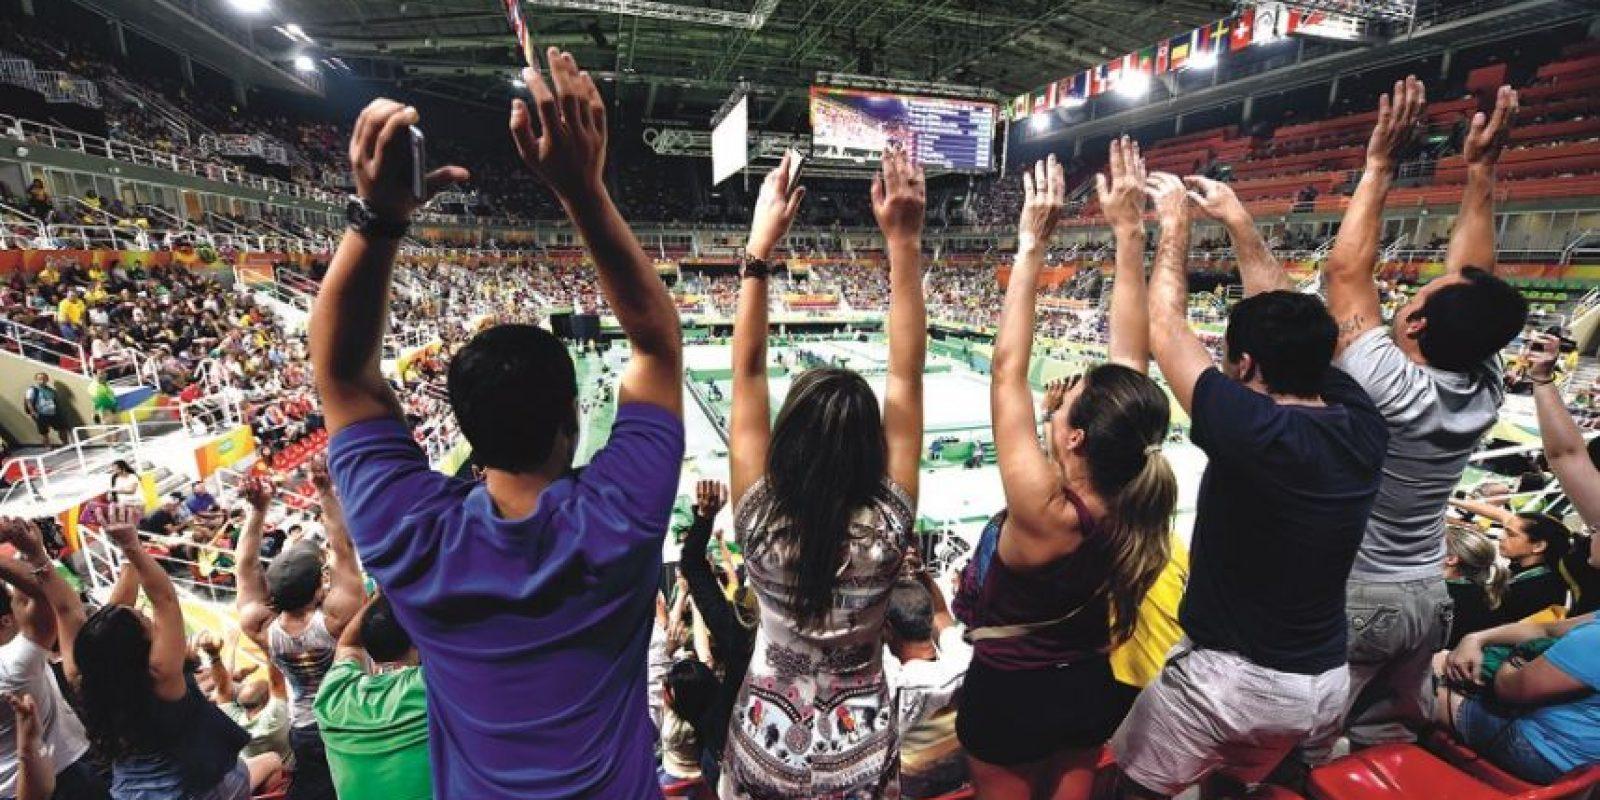 """torcida animada. Ola y juegos con mucho """"fair play"""" da orgullo. Foto:Metro Rio"""